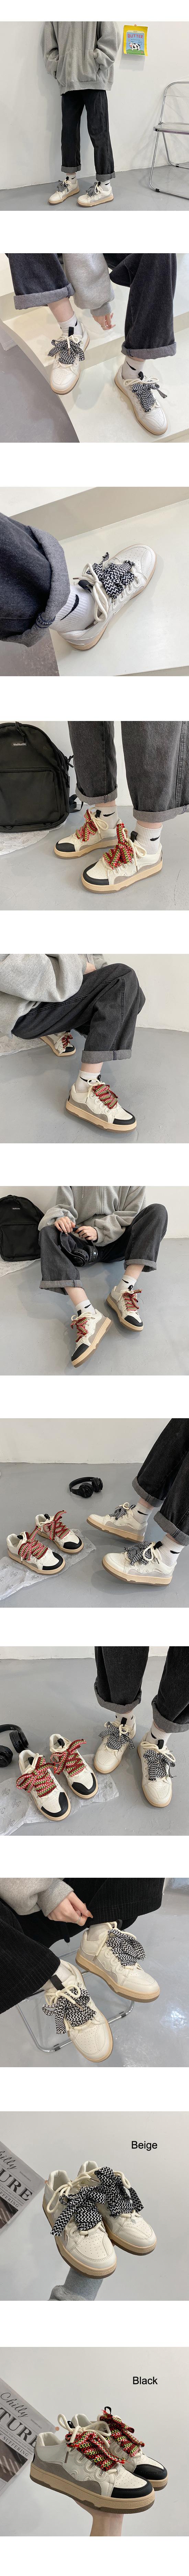 Unique Double Color String Sneakers Beige